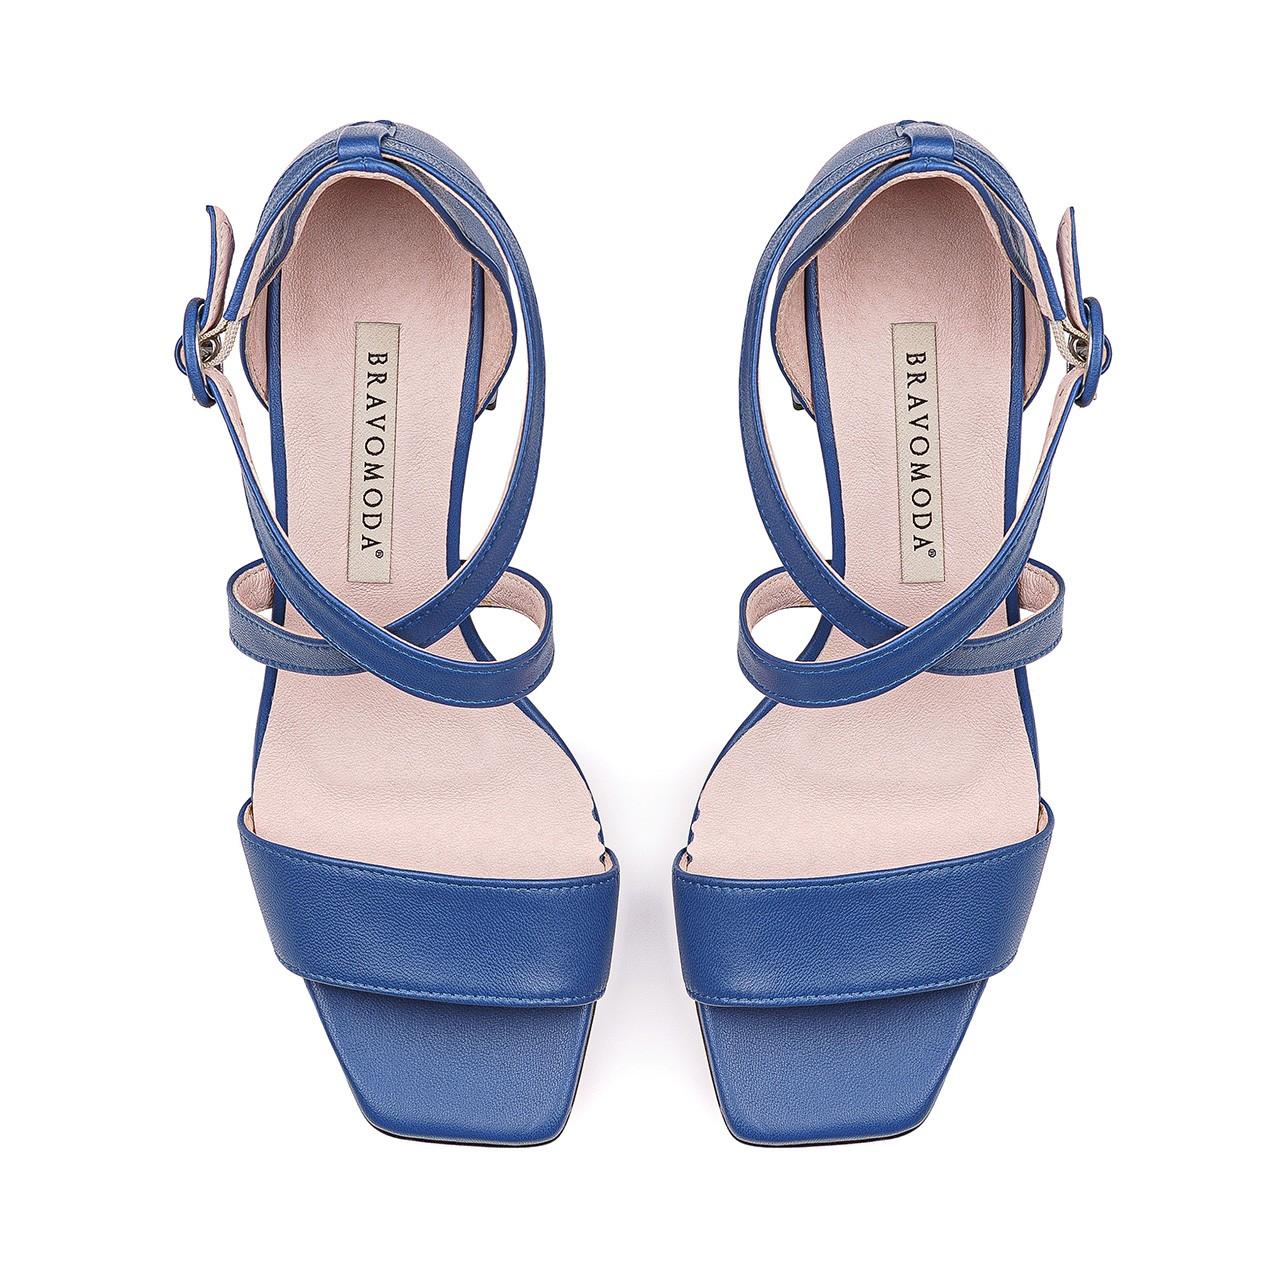 Niebieskie skórzane sandałki z kolorowym obcasem